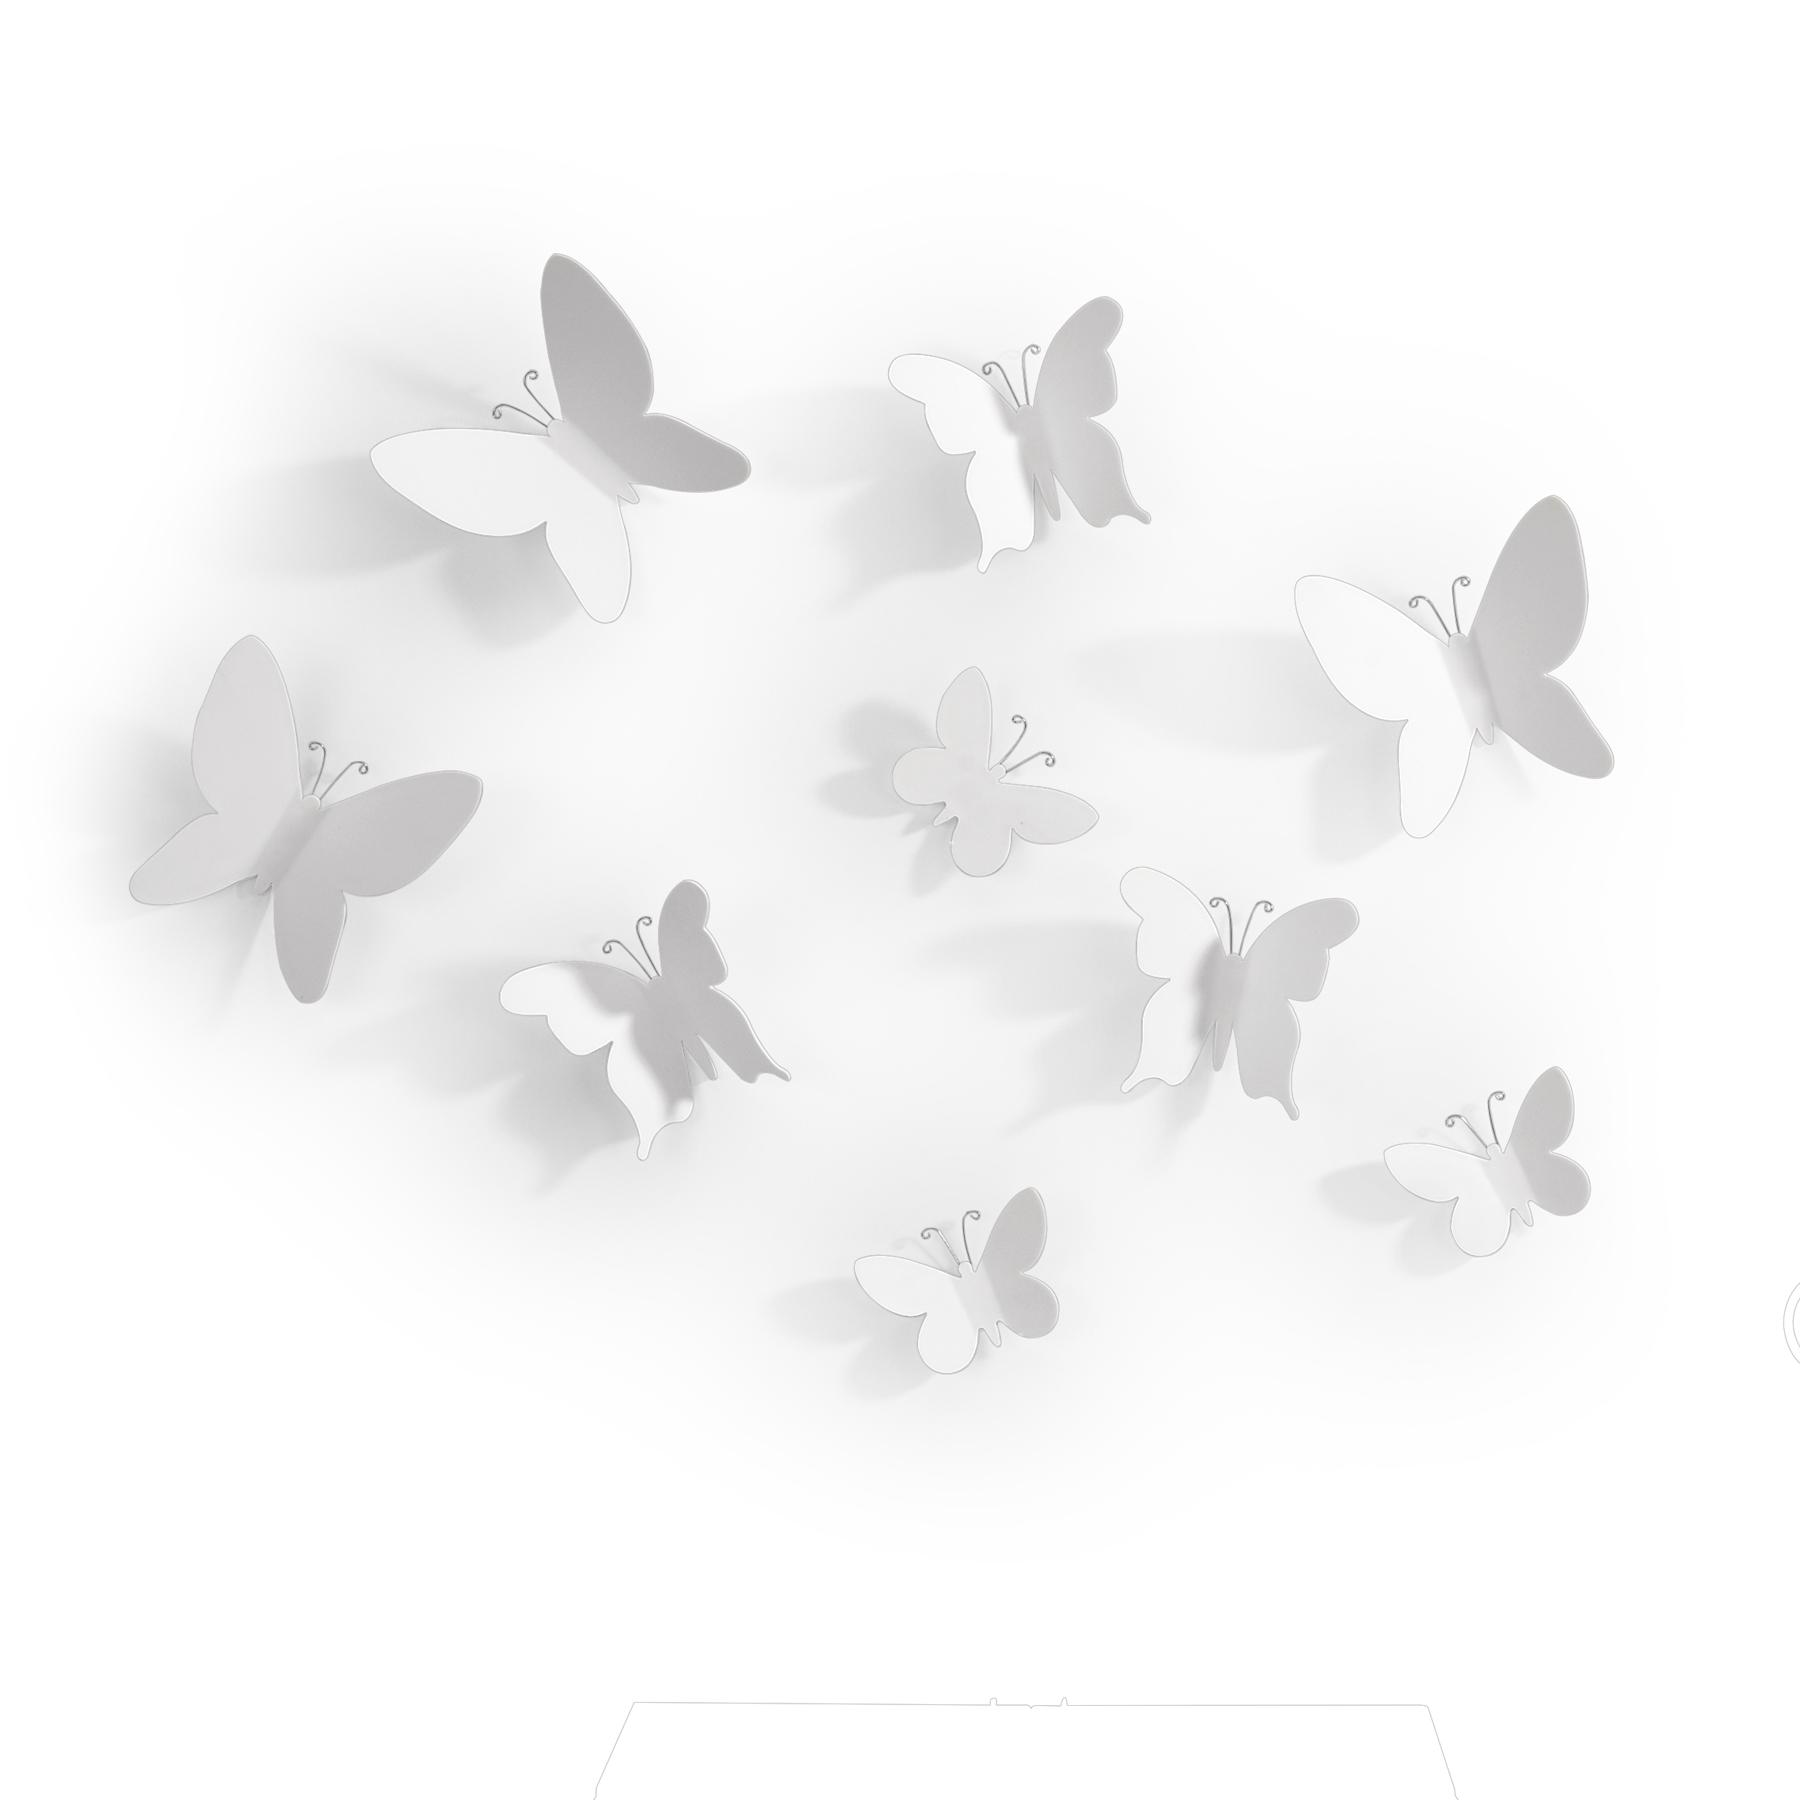 metalowa aplikacja ścienna przestrzenne motyle dekoracja kolor biały